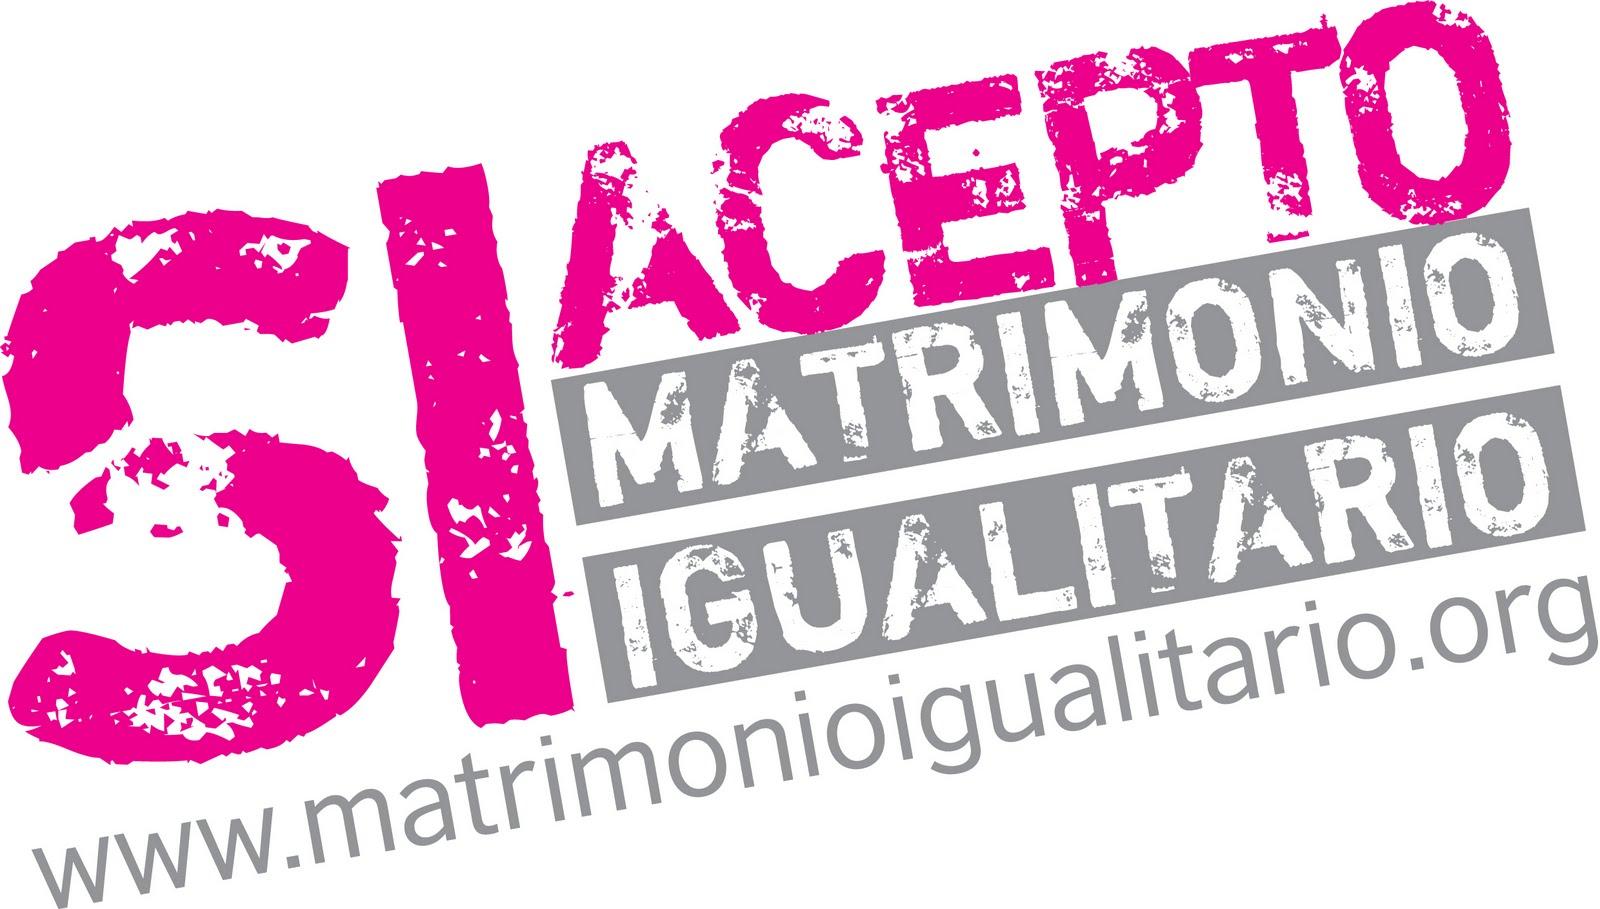 Sí Acepto, la campaña a favor del matrimonio igualitario